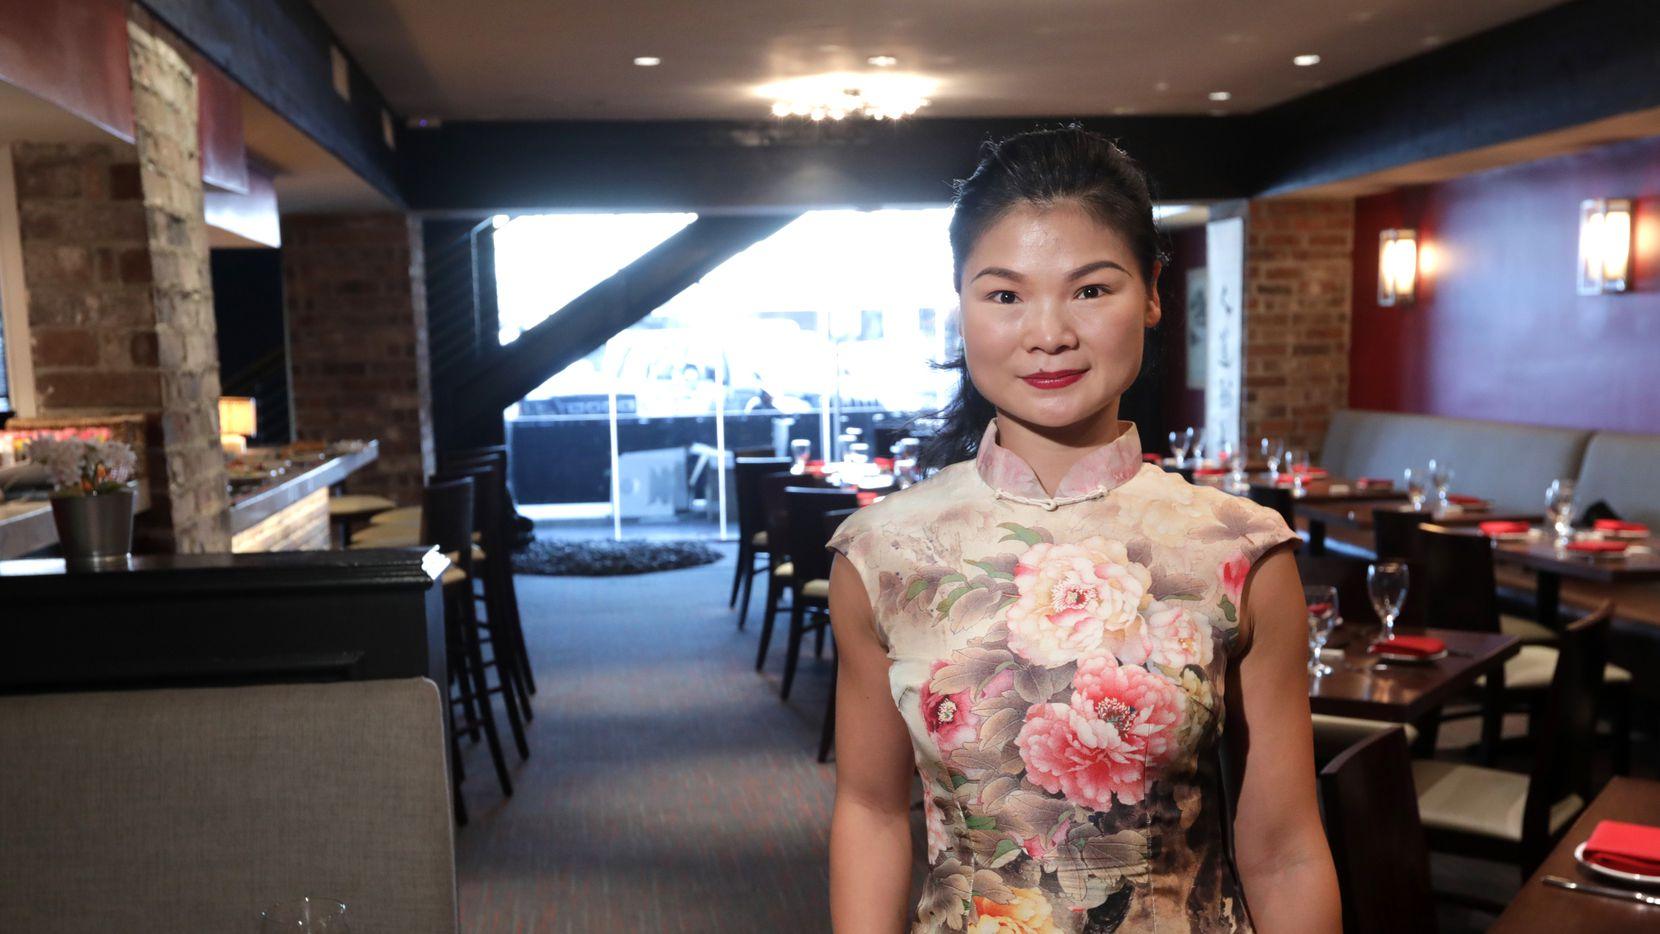 Jia Huang en Jia Modern Chinese, un restaurante en Preston Road que ha visto un bajón en su clientela en el último mes.